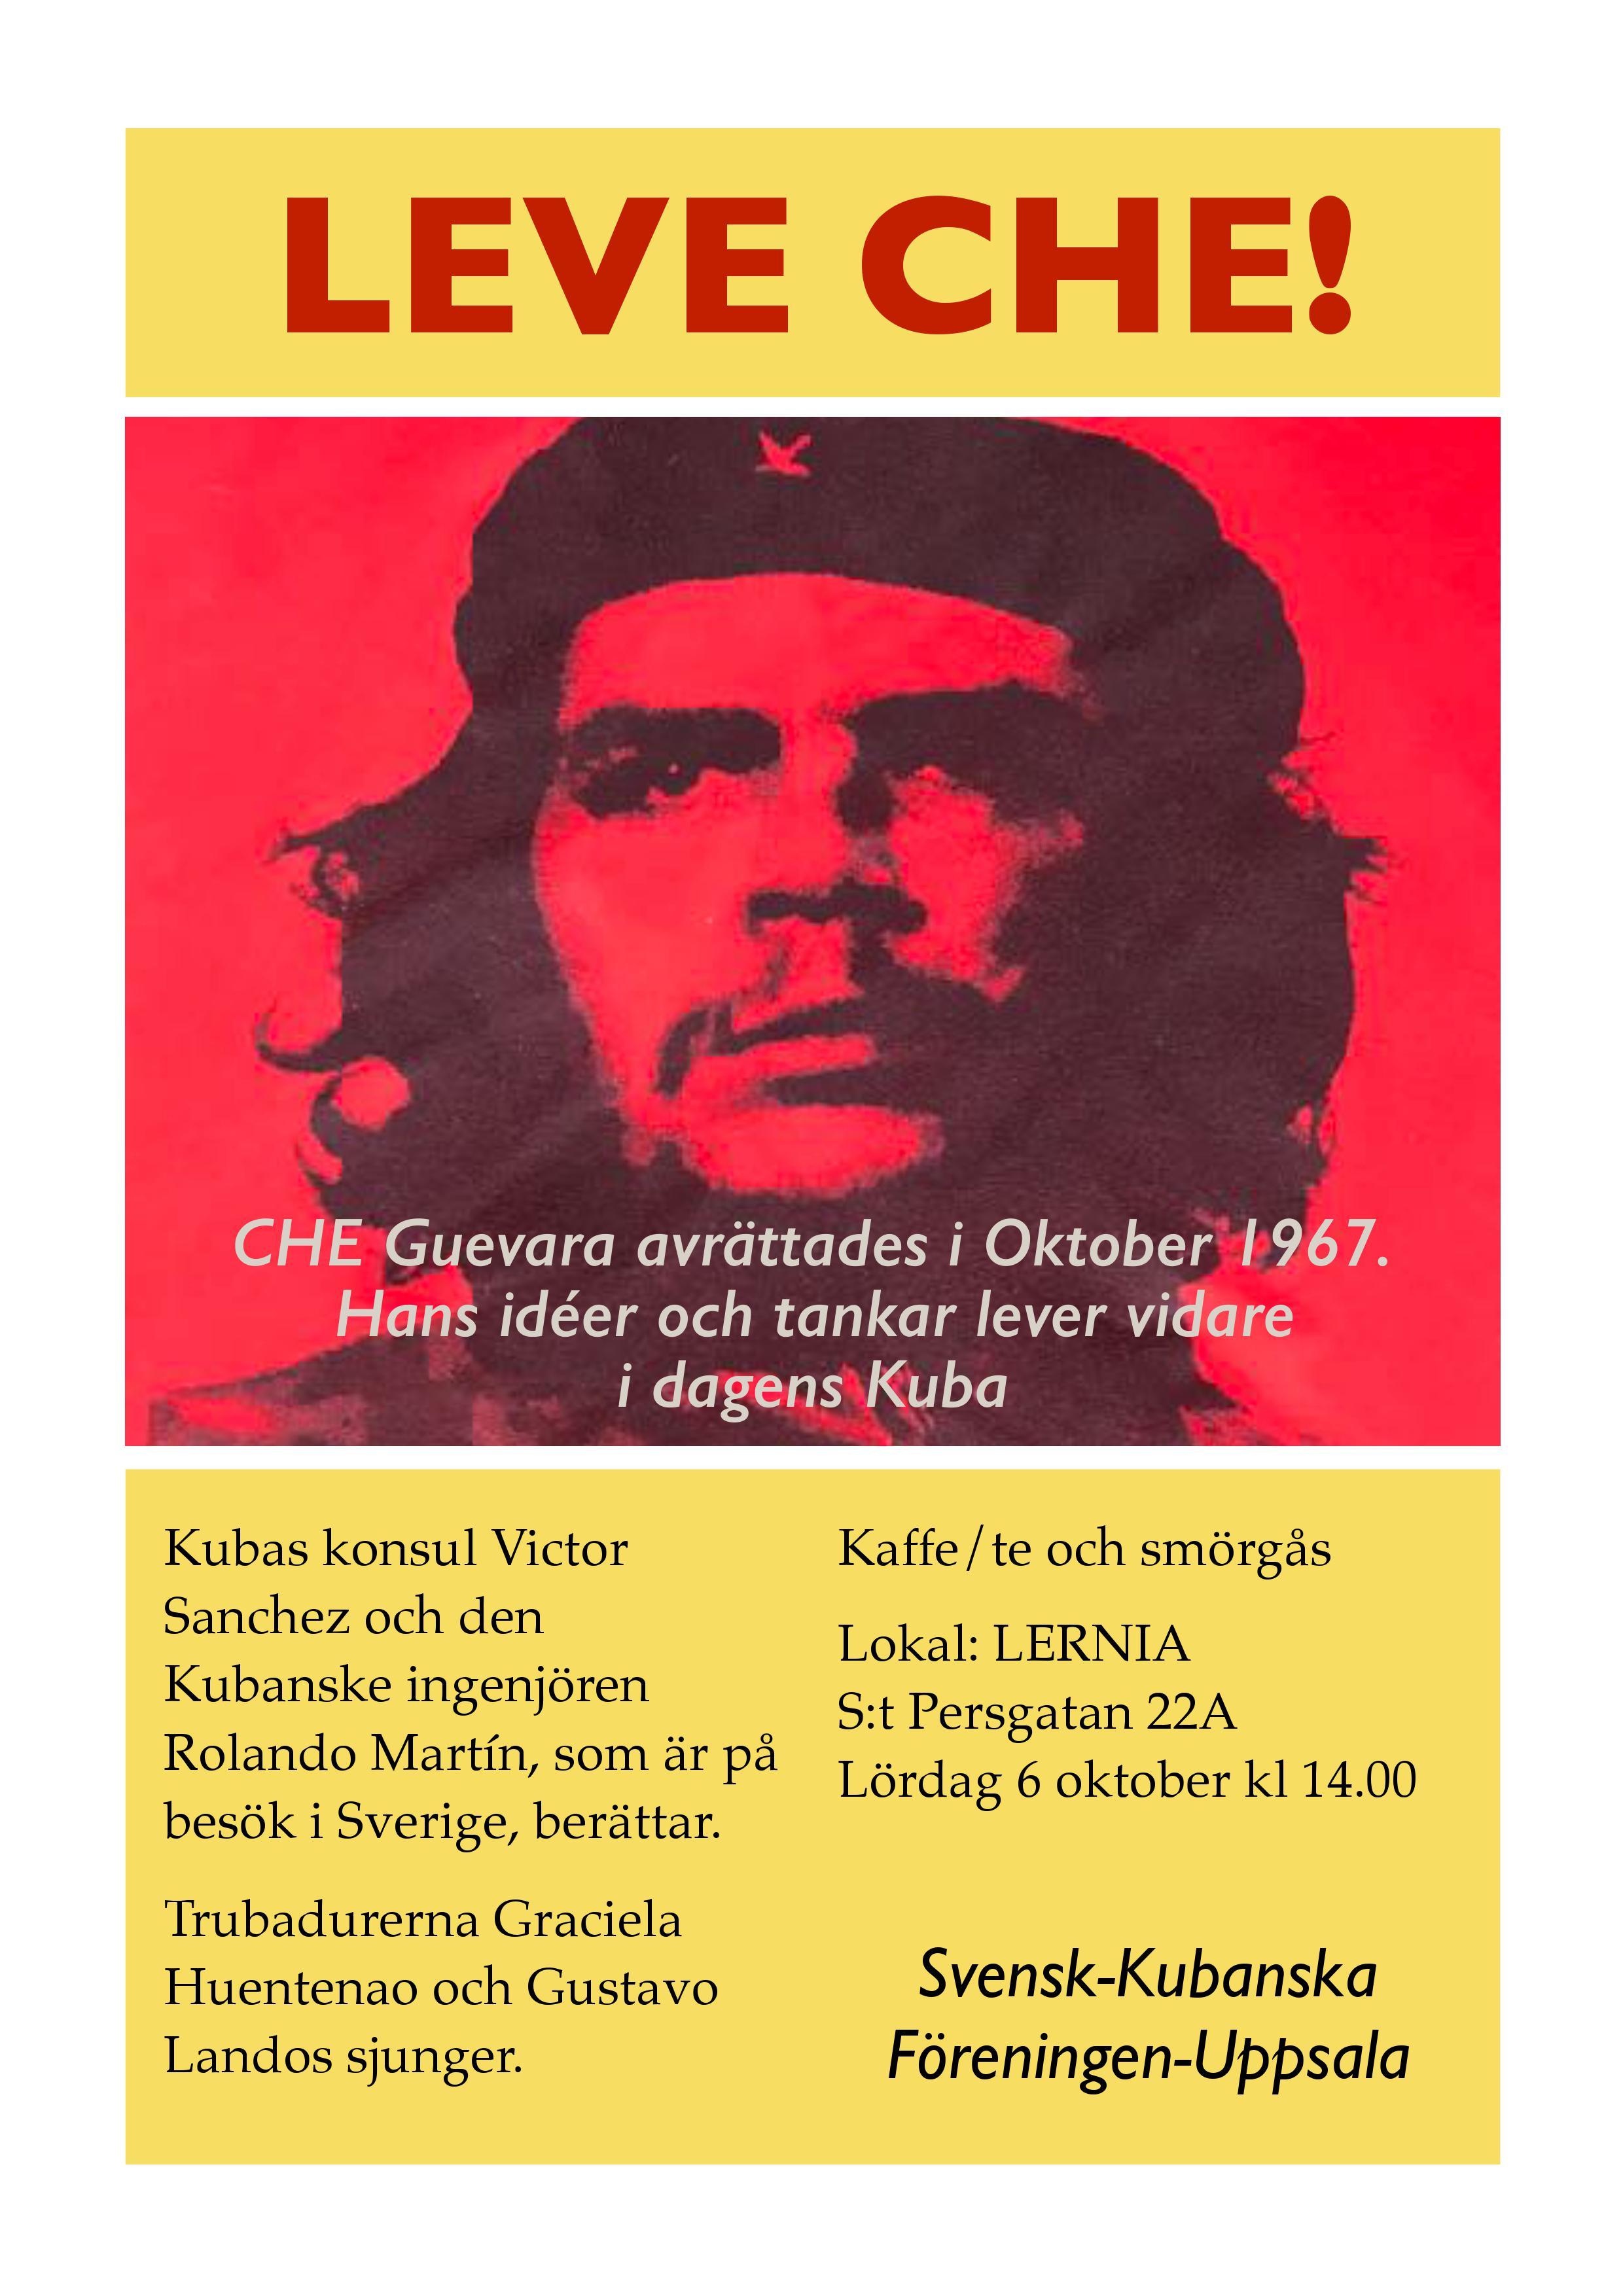 Uppsala_Che